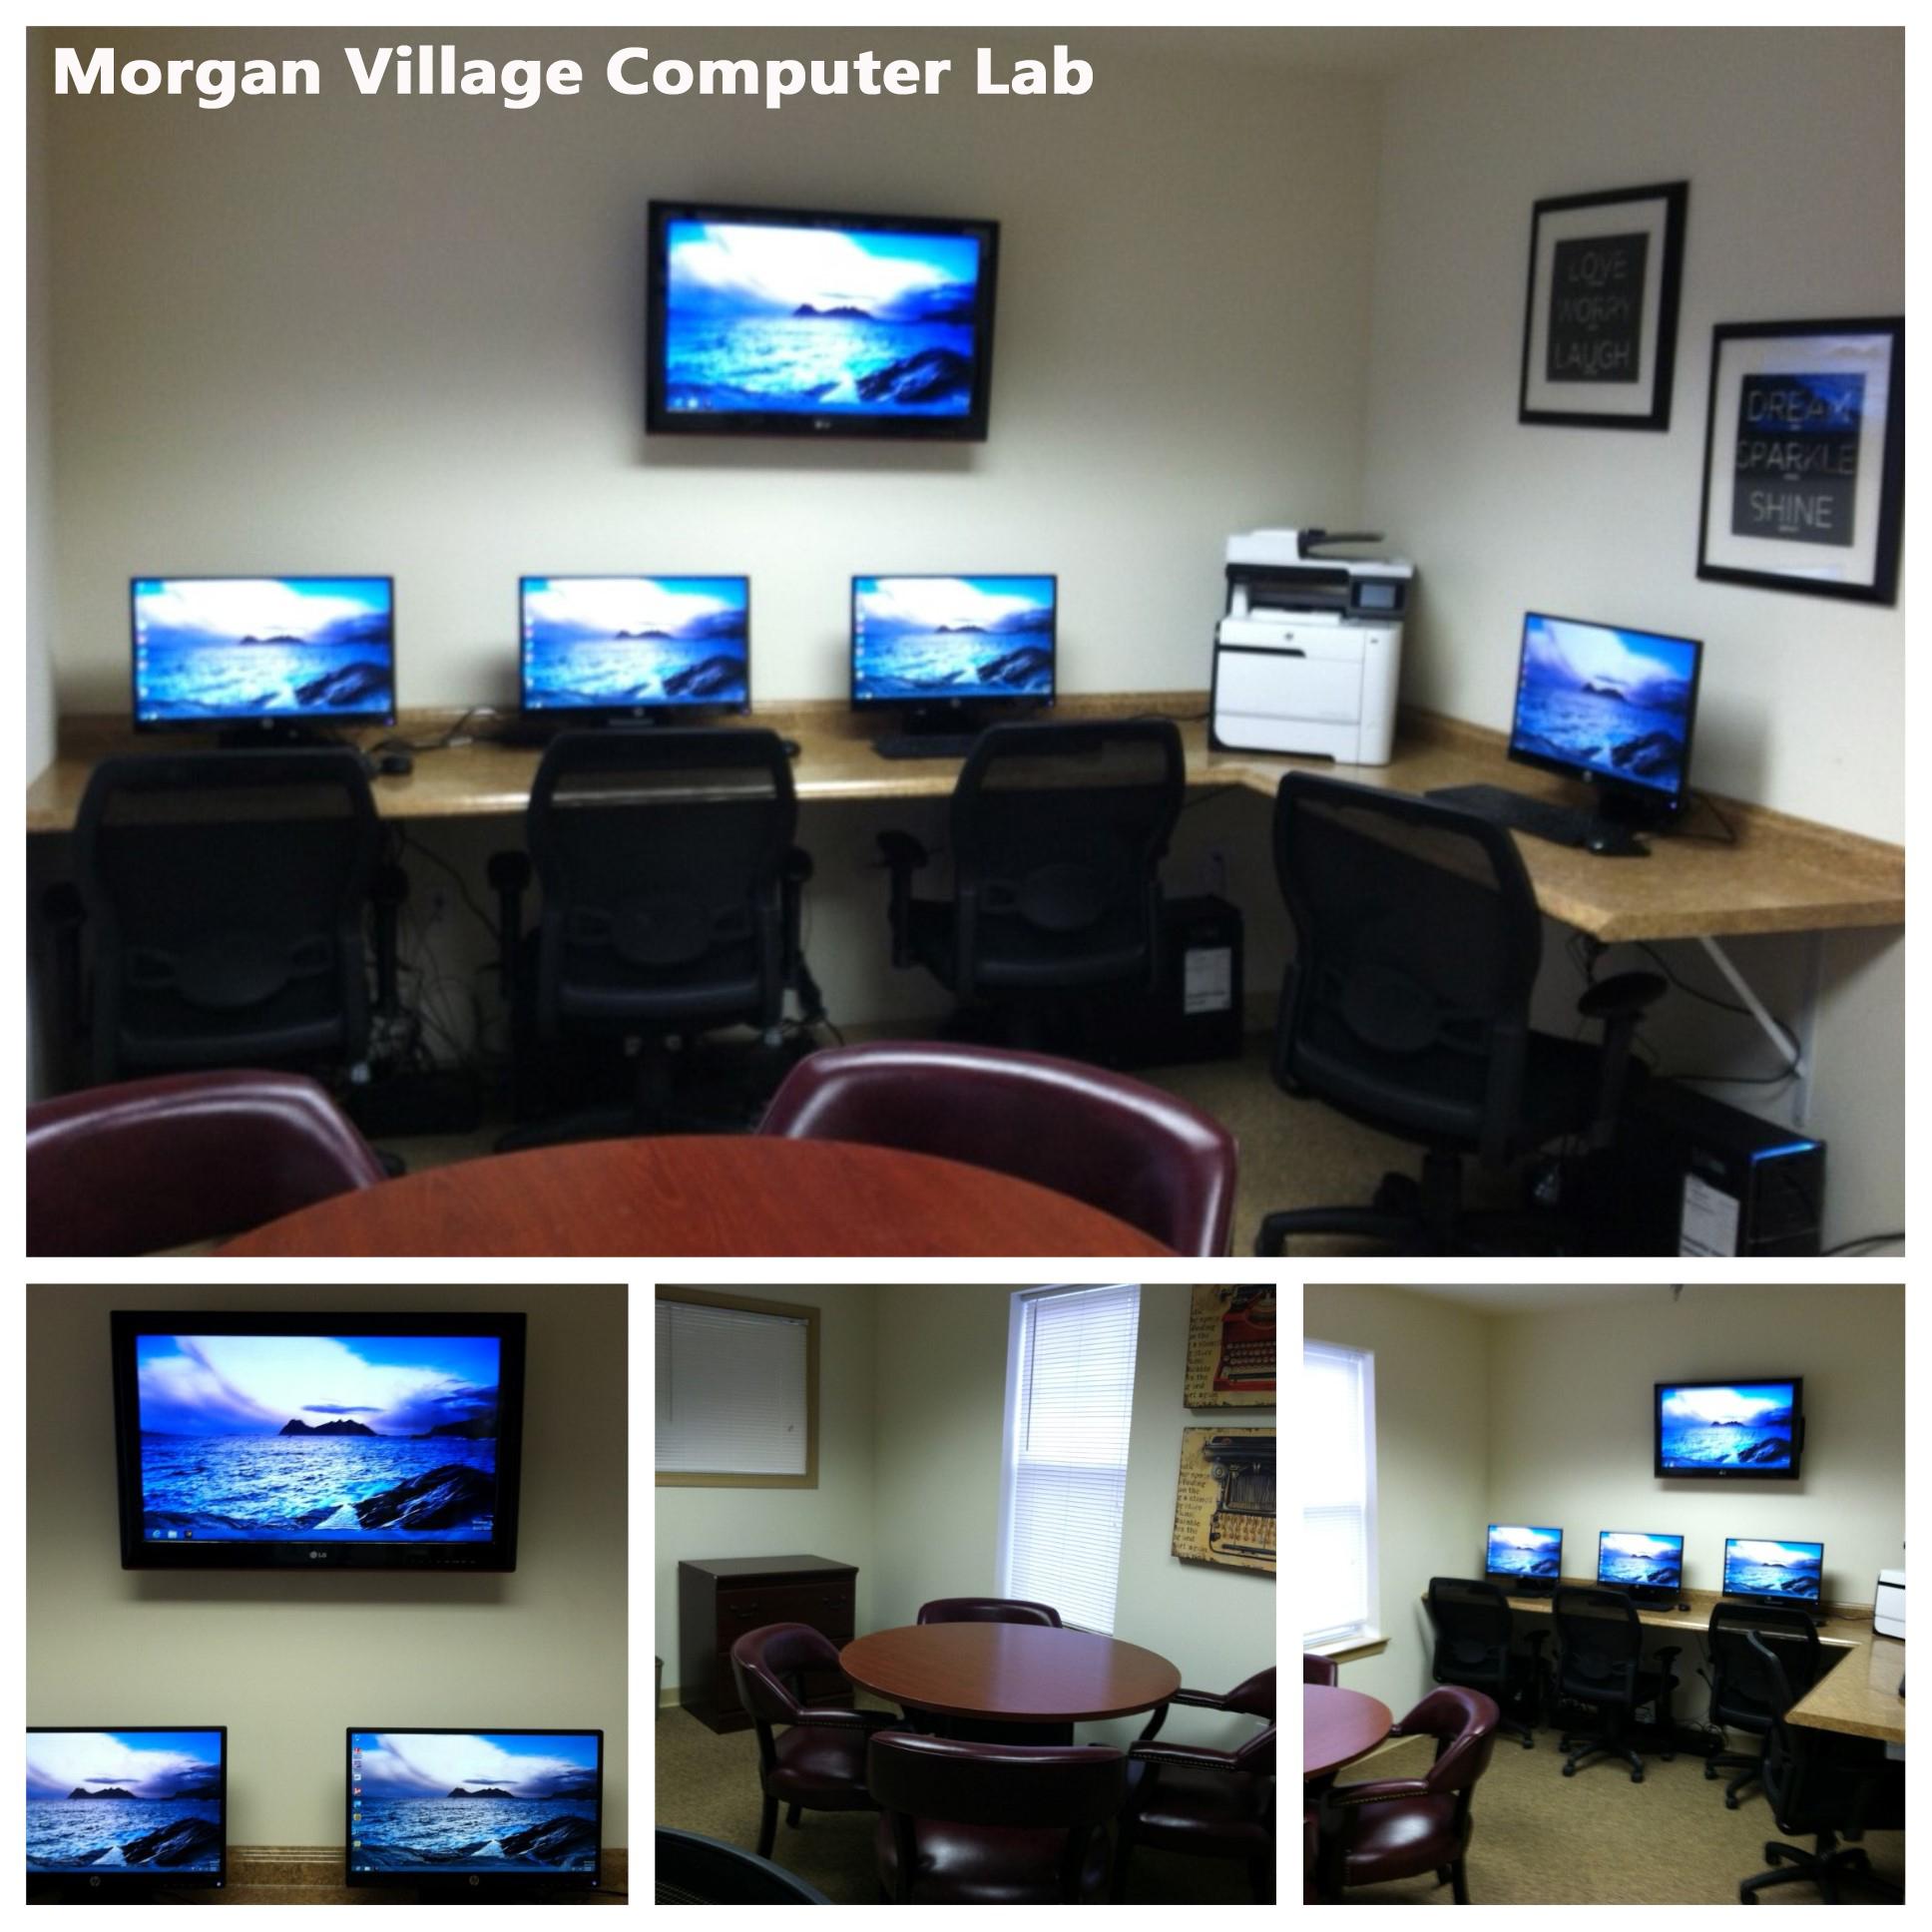 Morgan Village lab